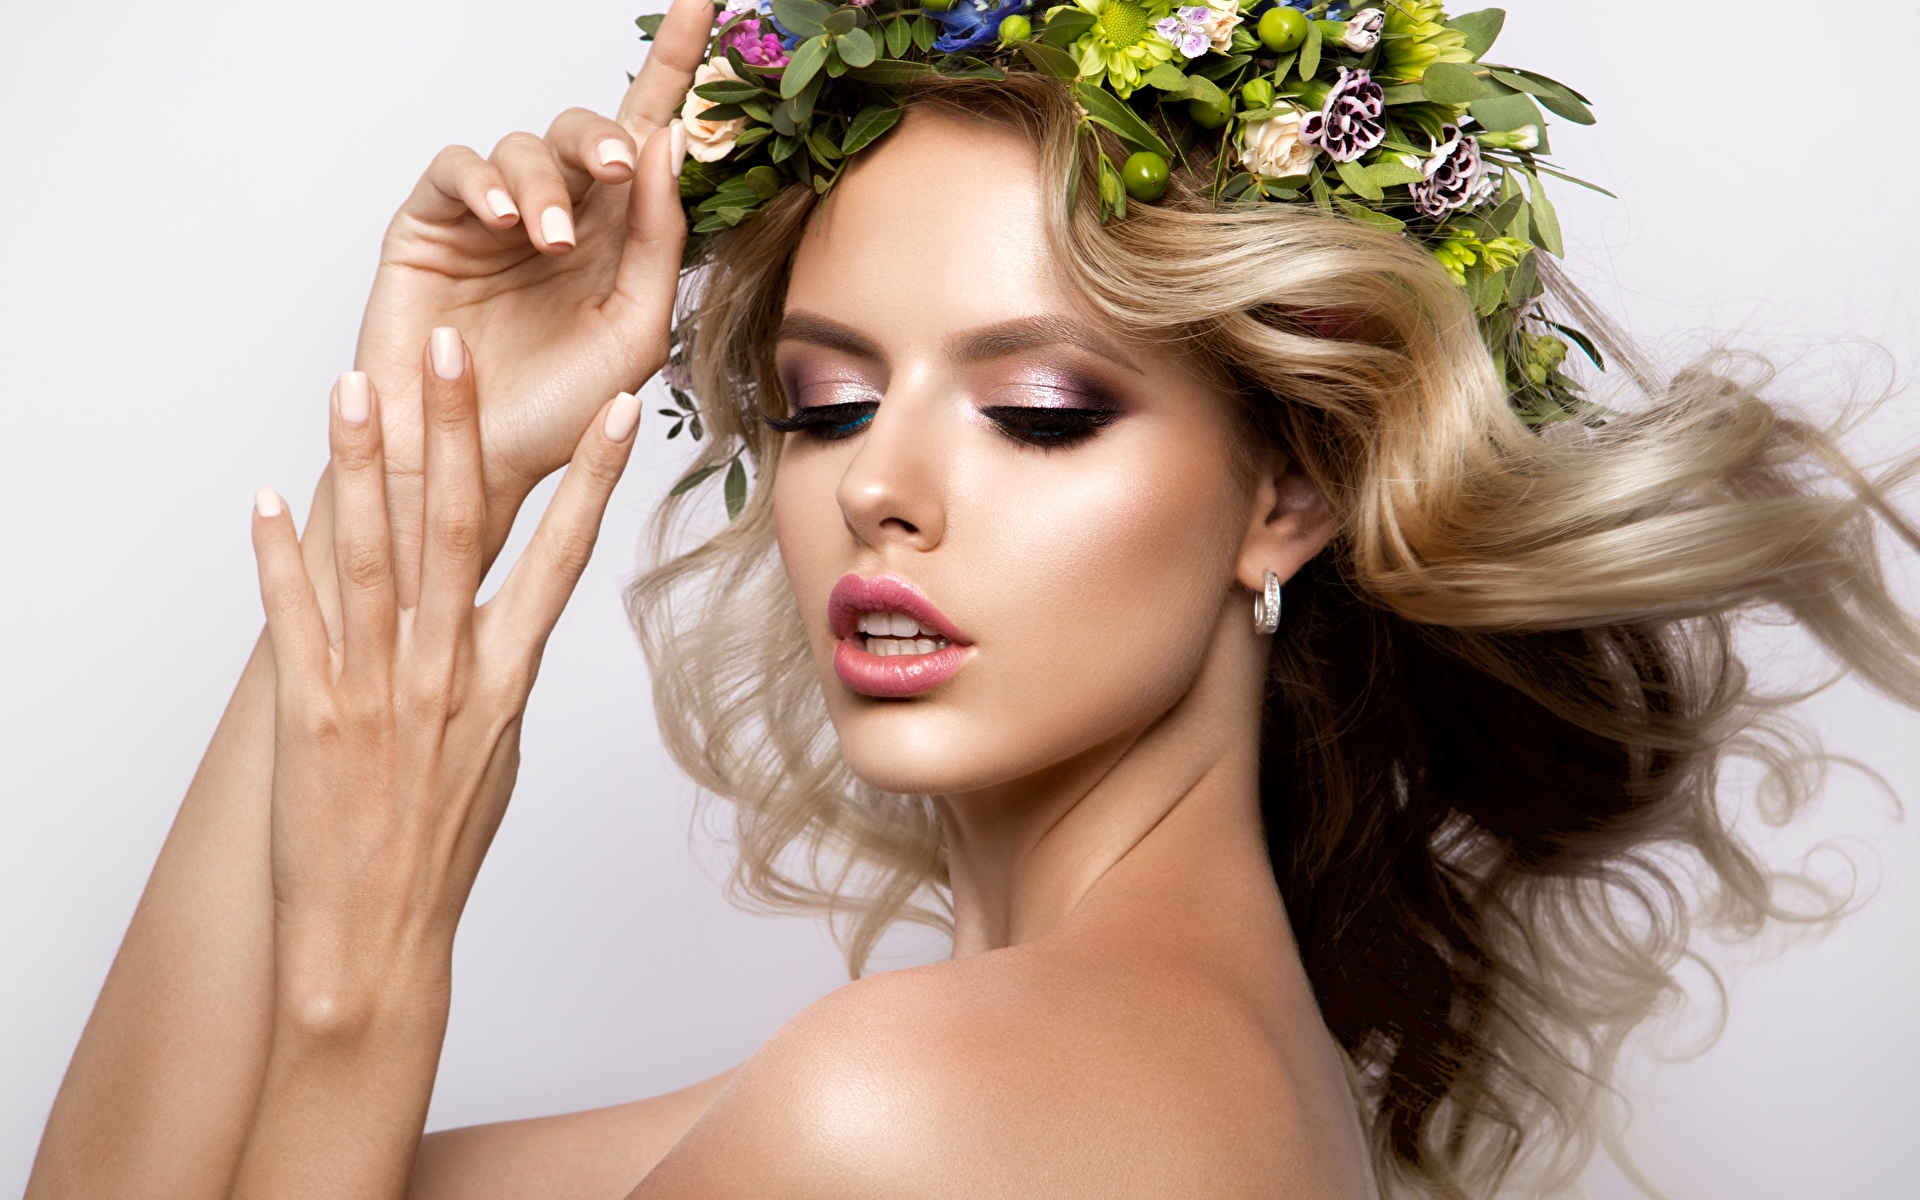 Bilder Blond Mädchen Model Make Up schöner Haar Kranz Gesicht Mädchens Hand 1920x1200 Blondine Schminke Schön schöne hübsch schönes hübsche hübscher junge frau junge Frauen